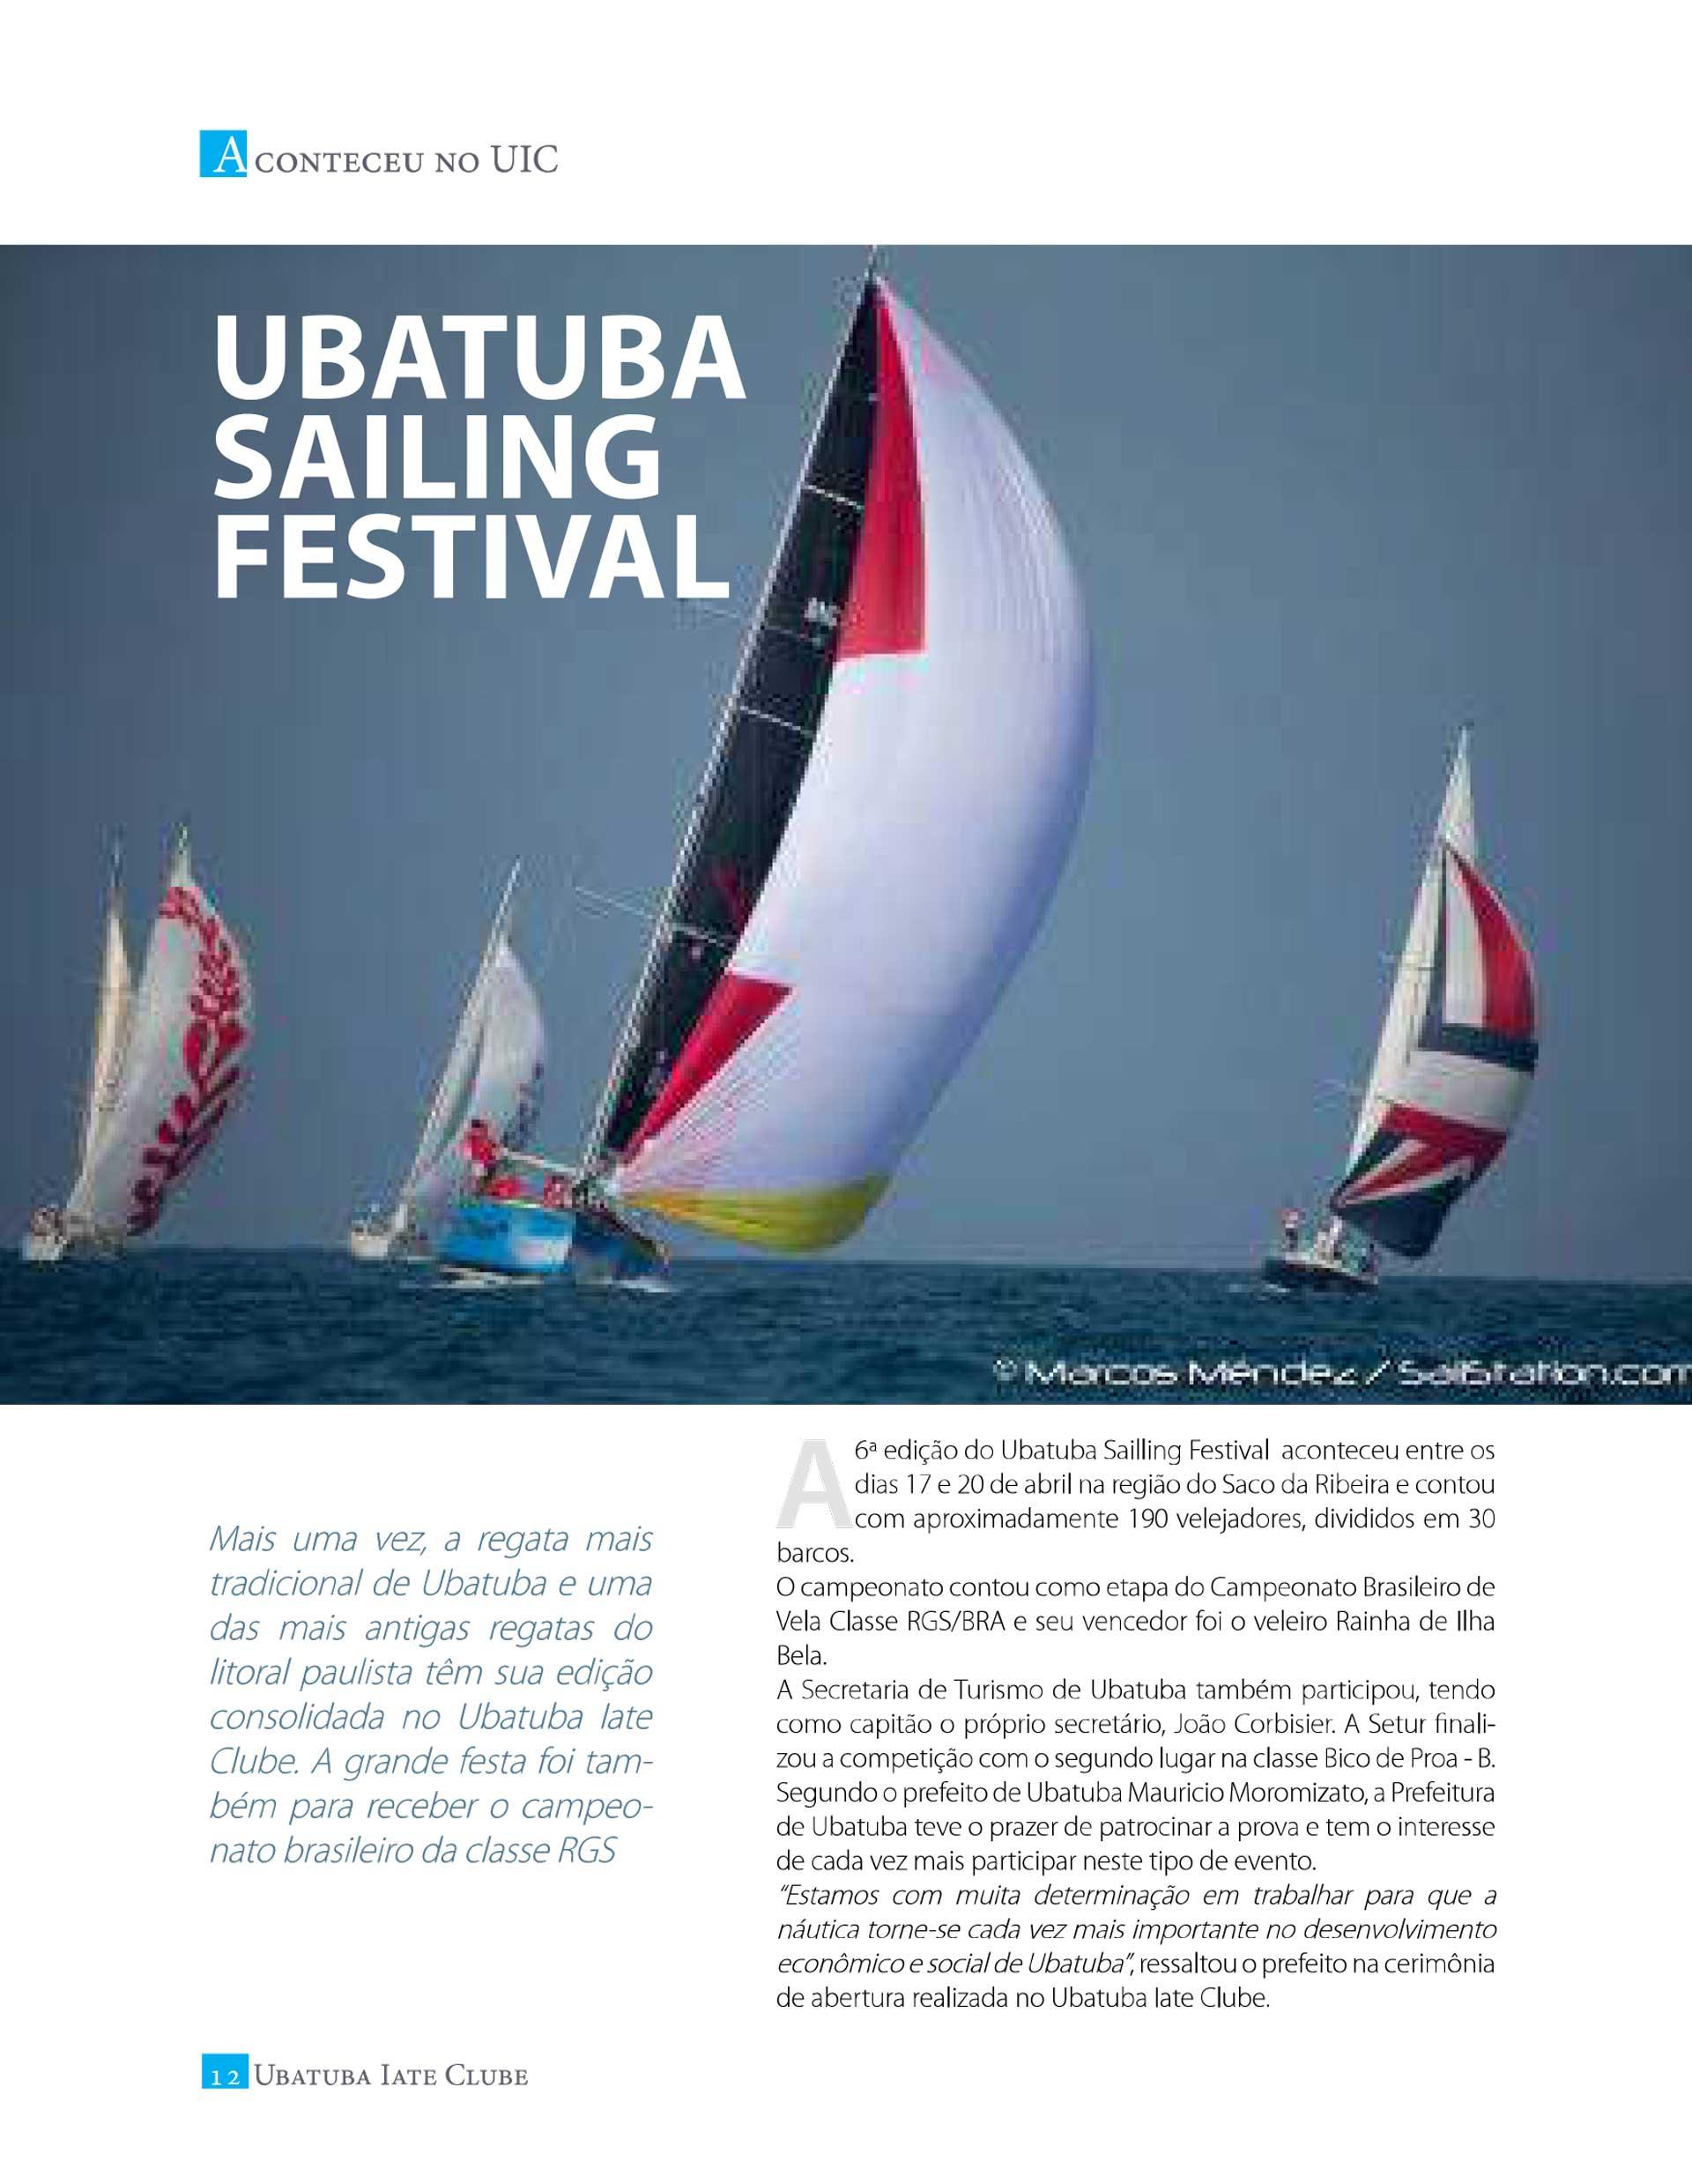 Ubatuba-Sailing-Festival-2015_rotated